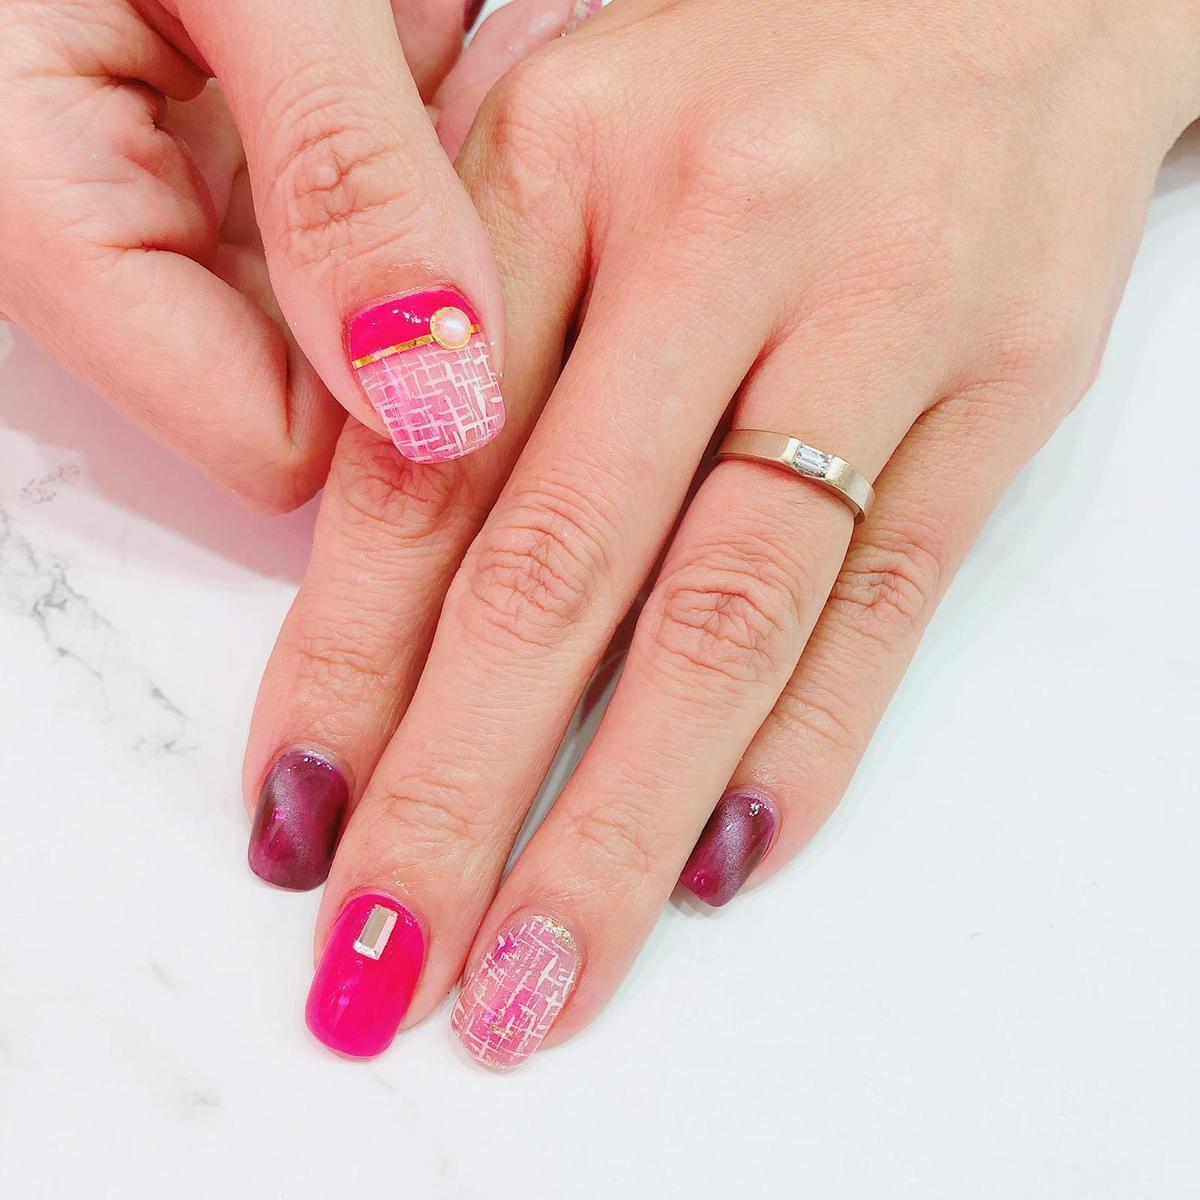 紫紅、桃紅加粉色的搭配,會令指甲顯得更有層次感,表現出十足的活力,適合年輕的女孩。(Suki Nail提供)